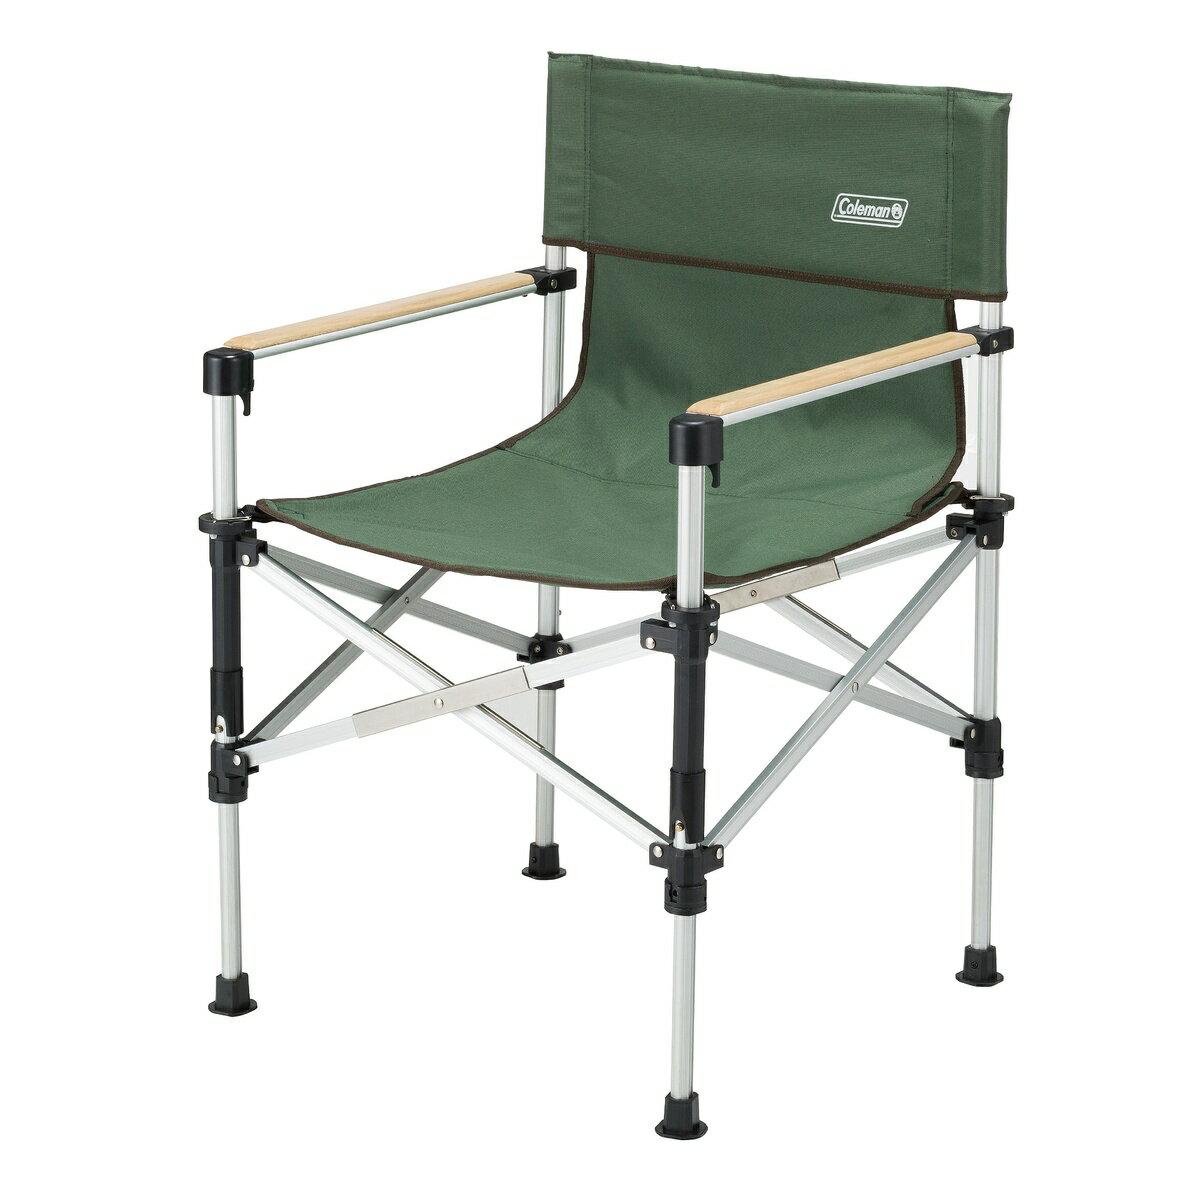 ● コールマン(COLEMAN) ツーウェイキャプテンチェア (グリーン) キャンプ用品 ファミリーチェア 椅子 グリーン 2000031281